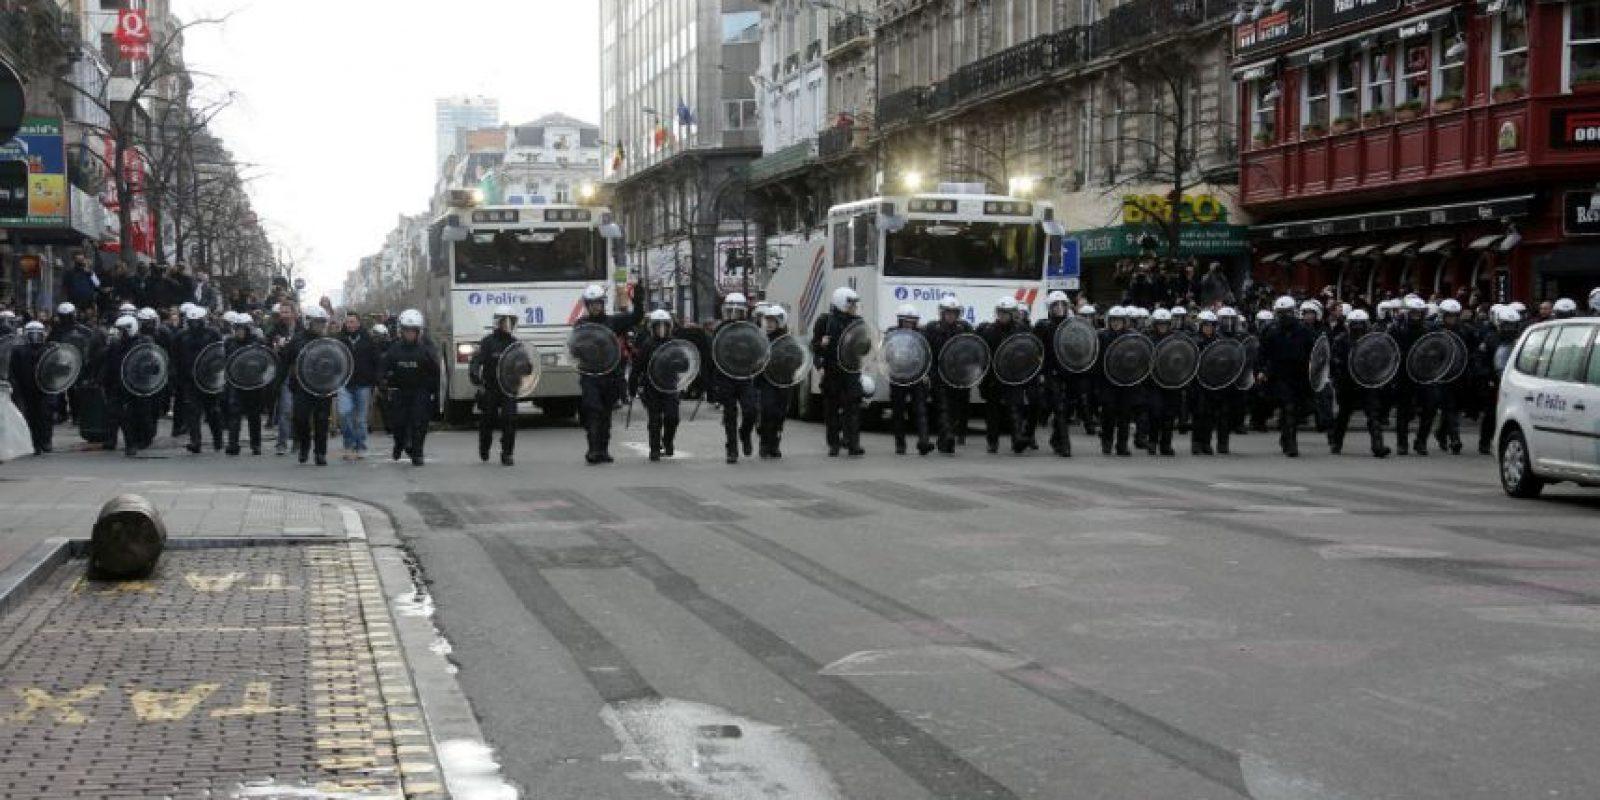 Bélgica se mantiene en estado de alerta máxima después se estos hechos. Foto:Getty Images